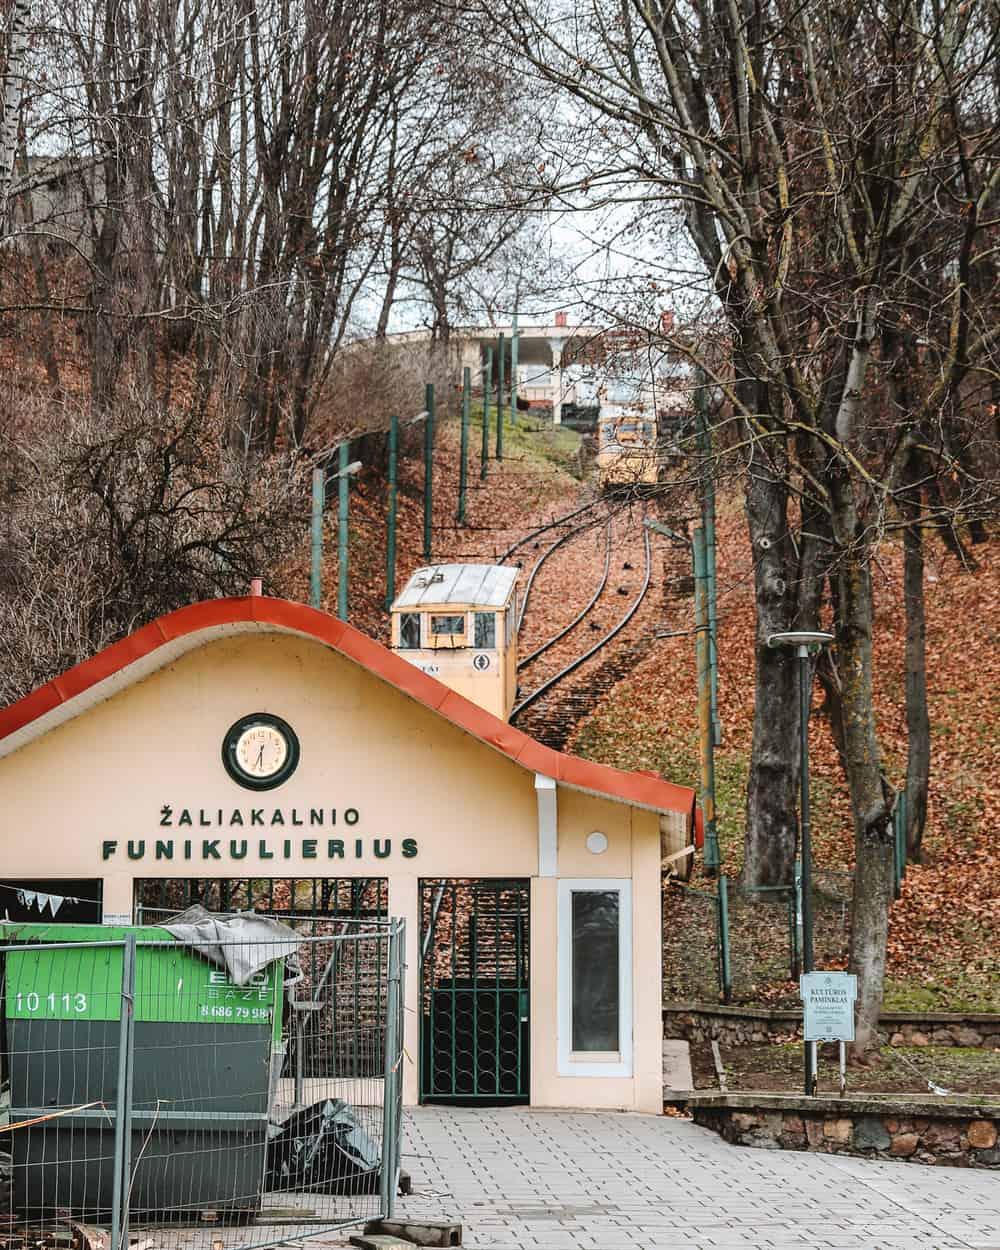 Žaliakalnis Funicular Kaunas | Things to do in Kaunas